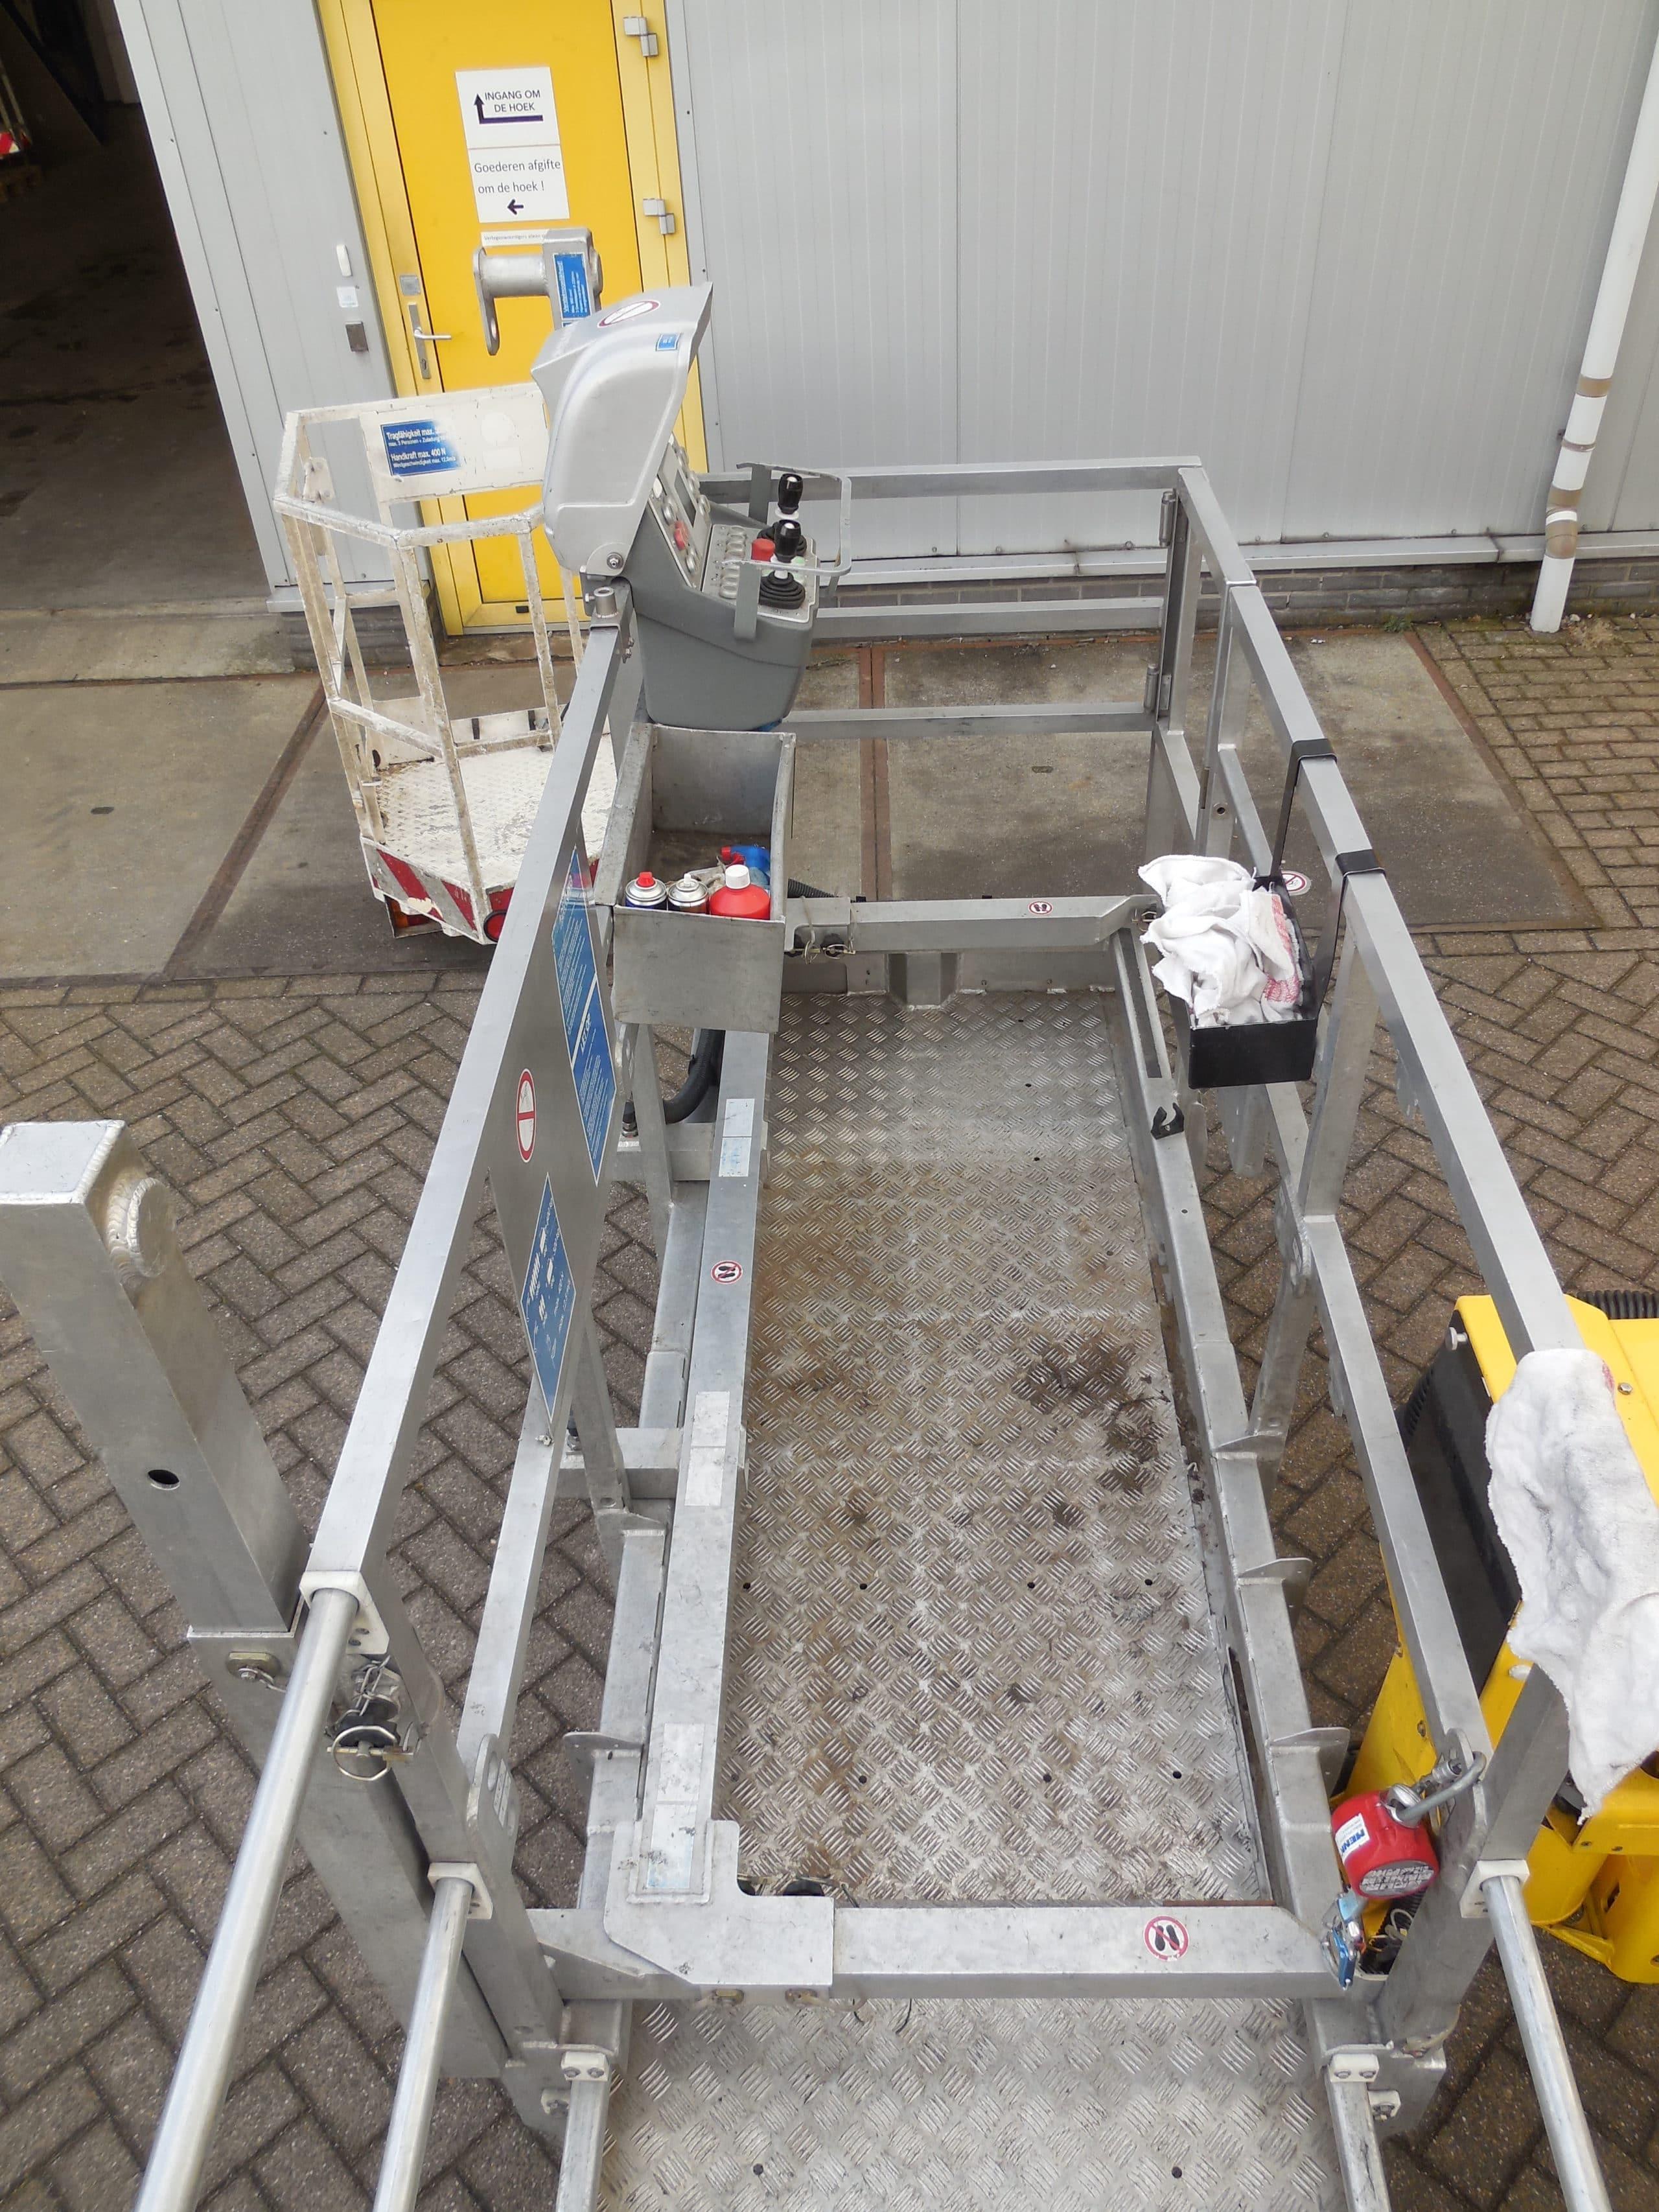 Lift-up systeem tot 600 kg buiten de gondel (4)